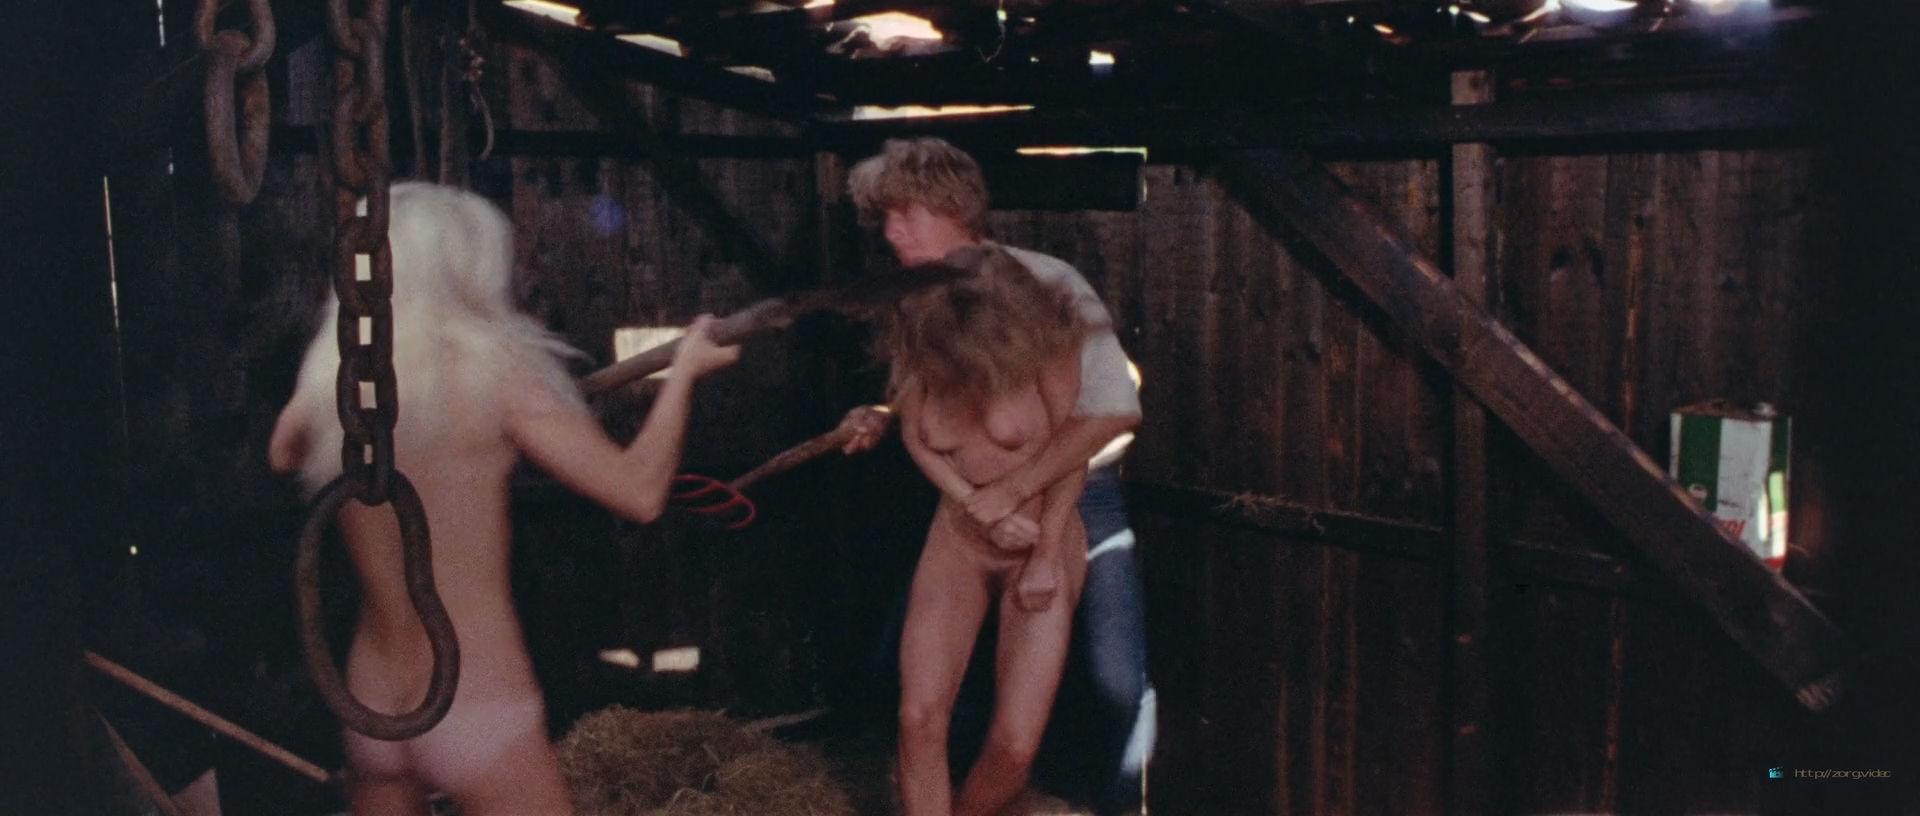 Marja de Heer nude full frontal others nude too - Mijn Nachten met Susan, Olga, Albert, Julie, Piet & Sandra (NL-1975) HD 1080p (2)